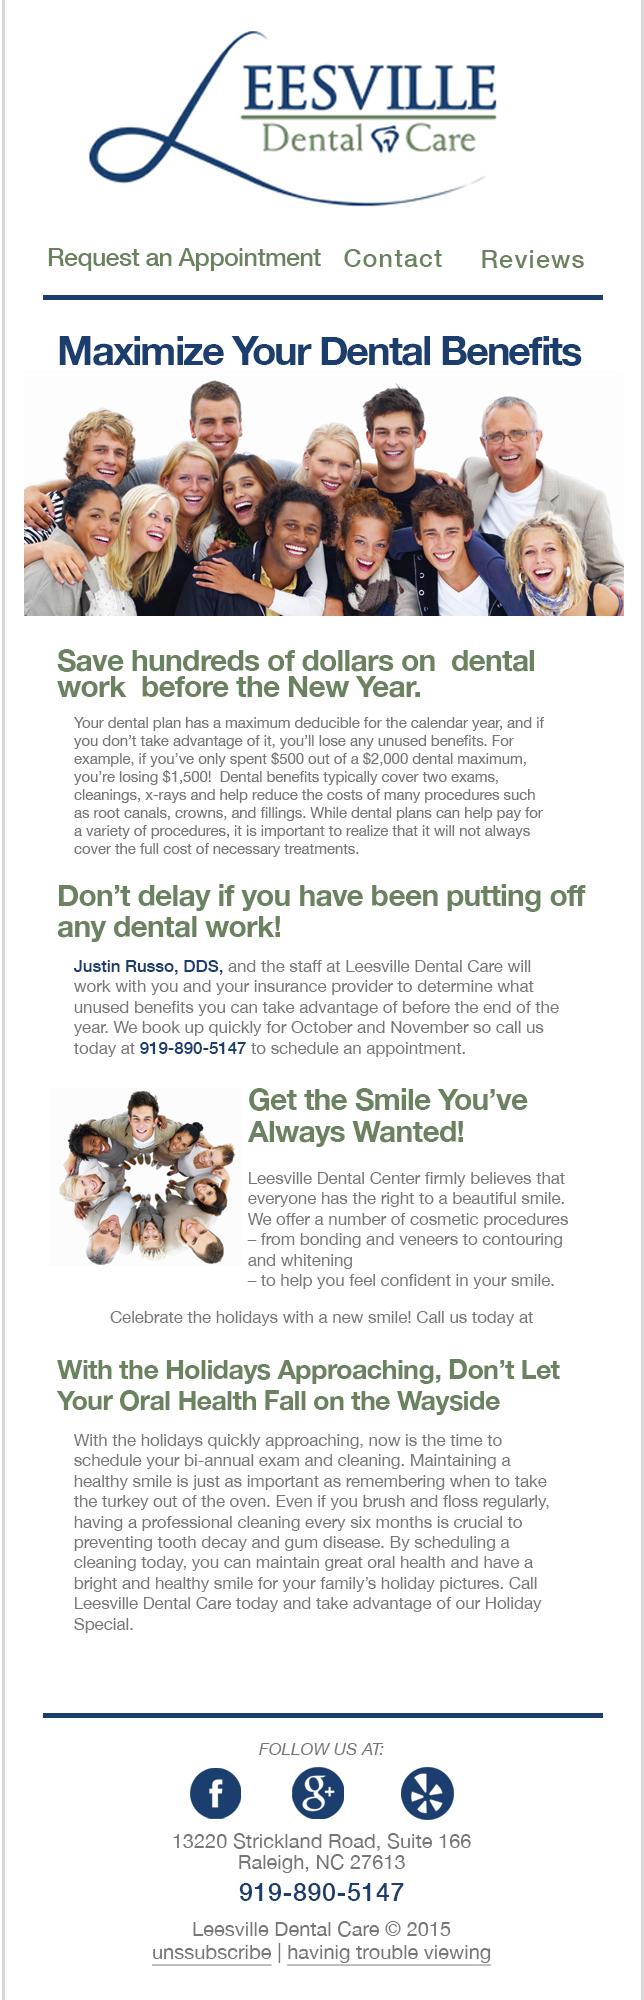 Leesville Dental Care3.jpg